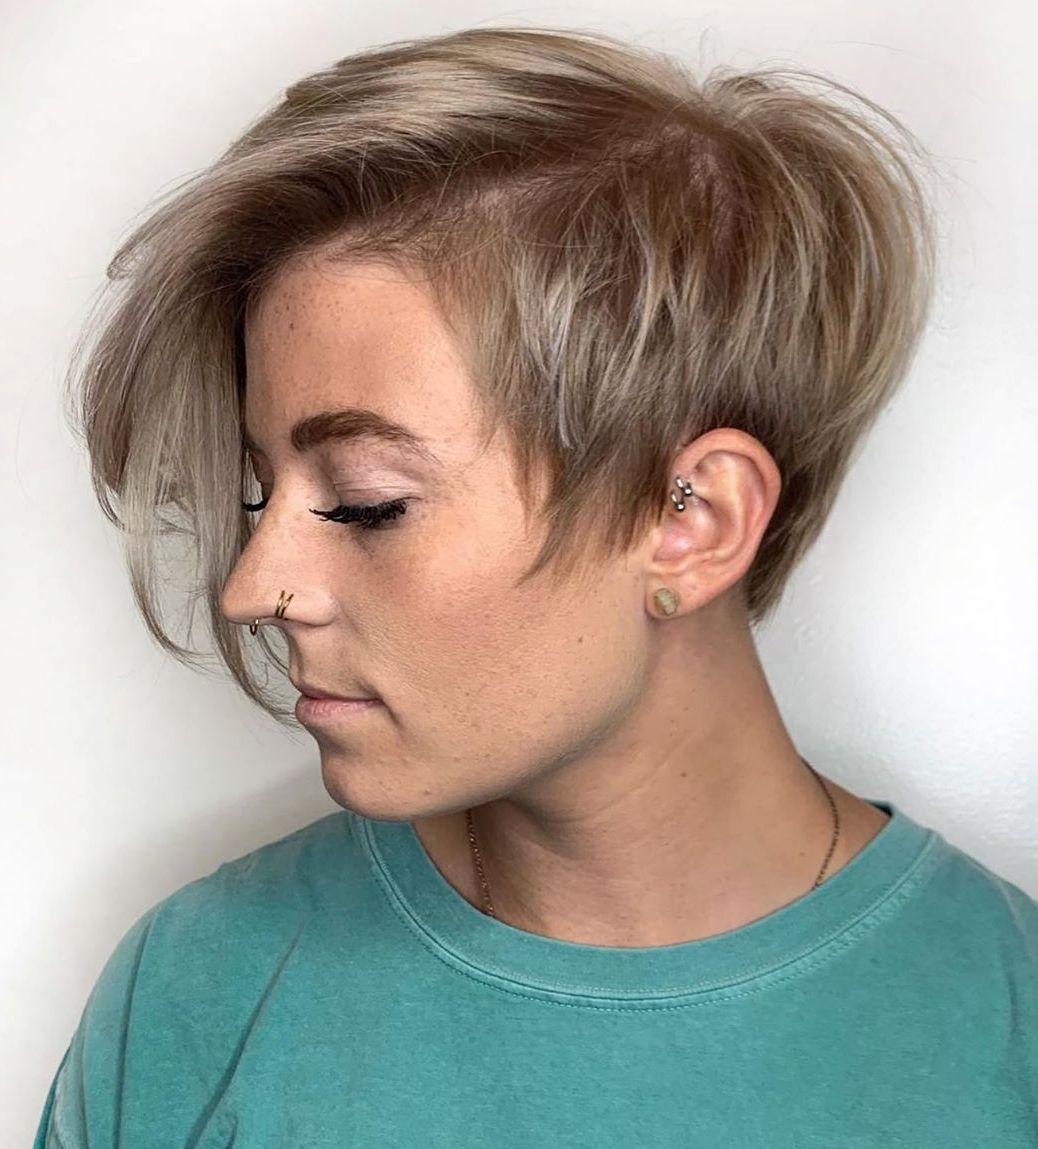 Short Layered Razored Pixie Hairstyle